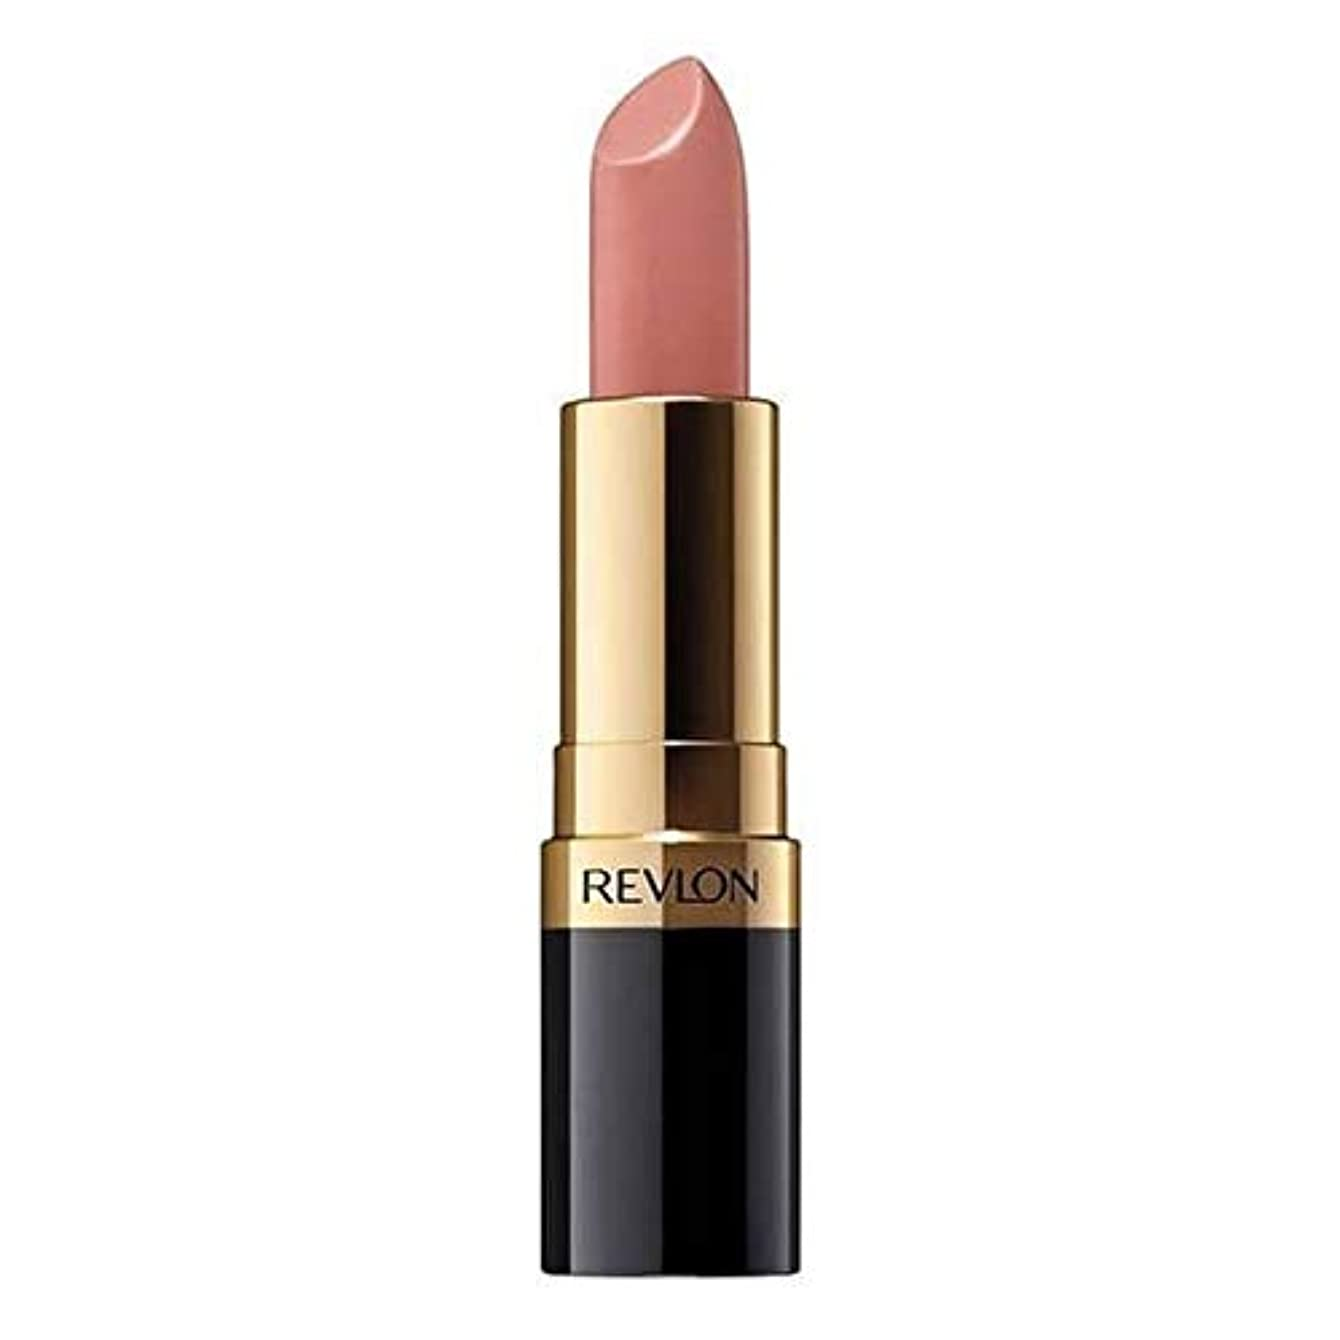 解釈する彼女は腐敗した[Revlon ] レブロンSuperlustrous口紅裸事件 - Revlon SuperLustrous Lipstick Bare Affair [並行輸入品]